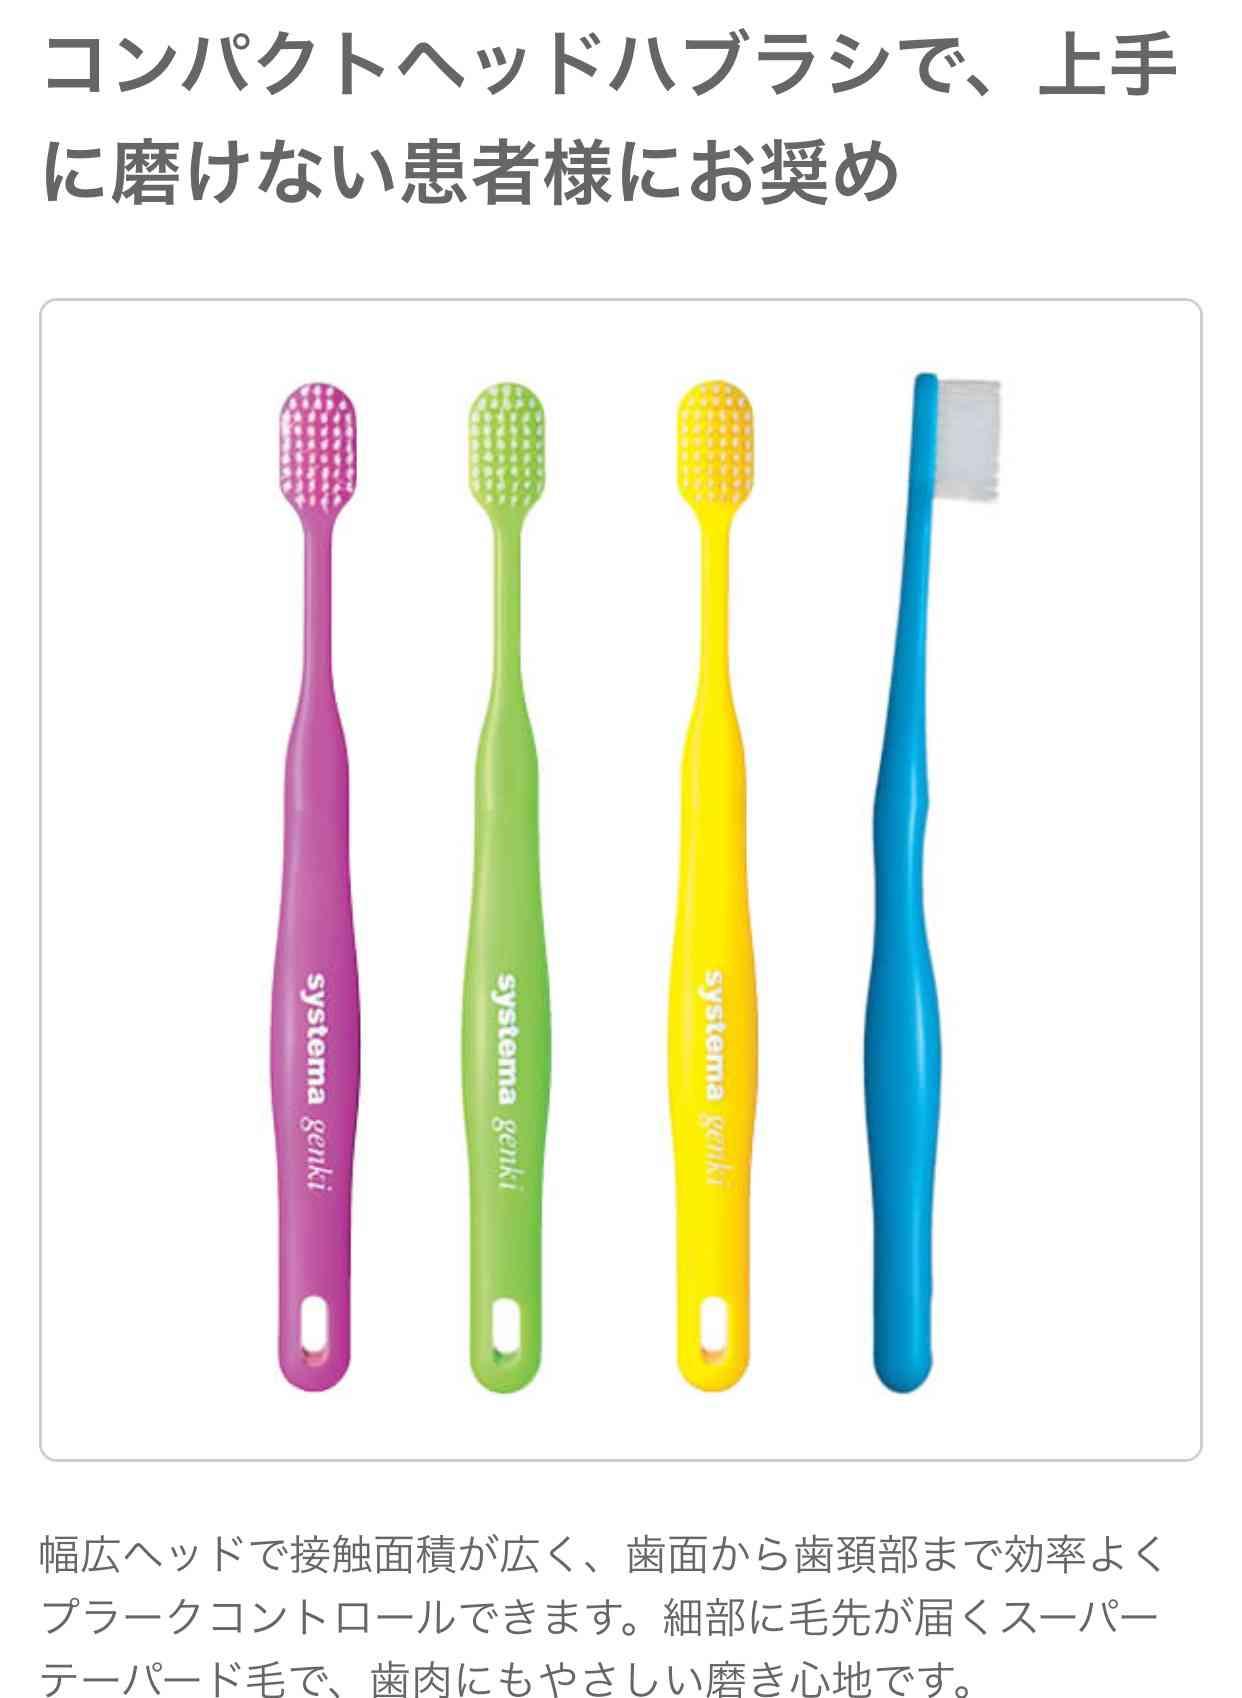 結局歯ブラシってどんなのがいいの?何使ってる?